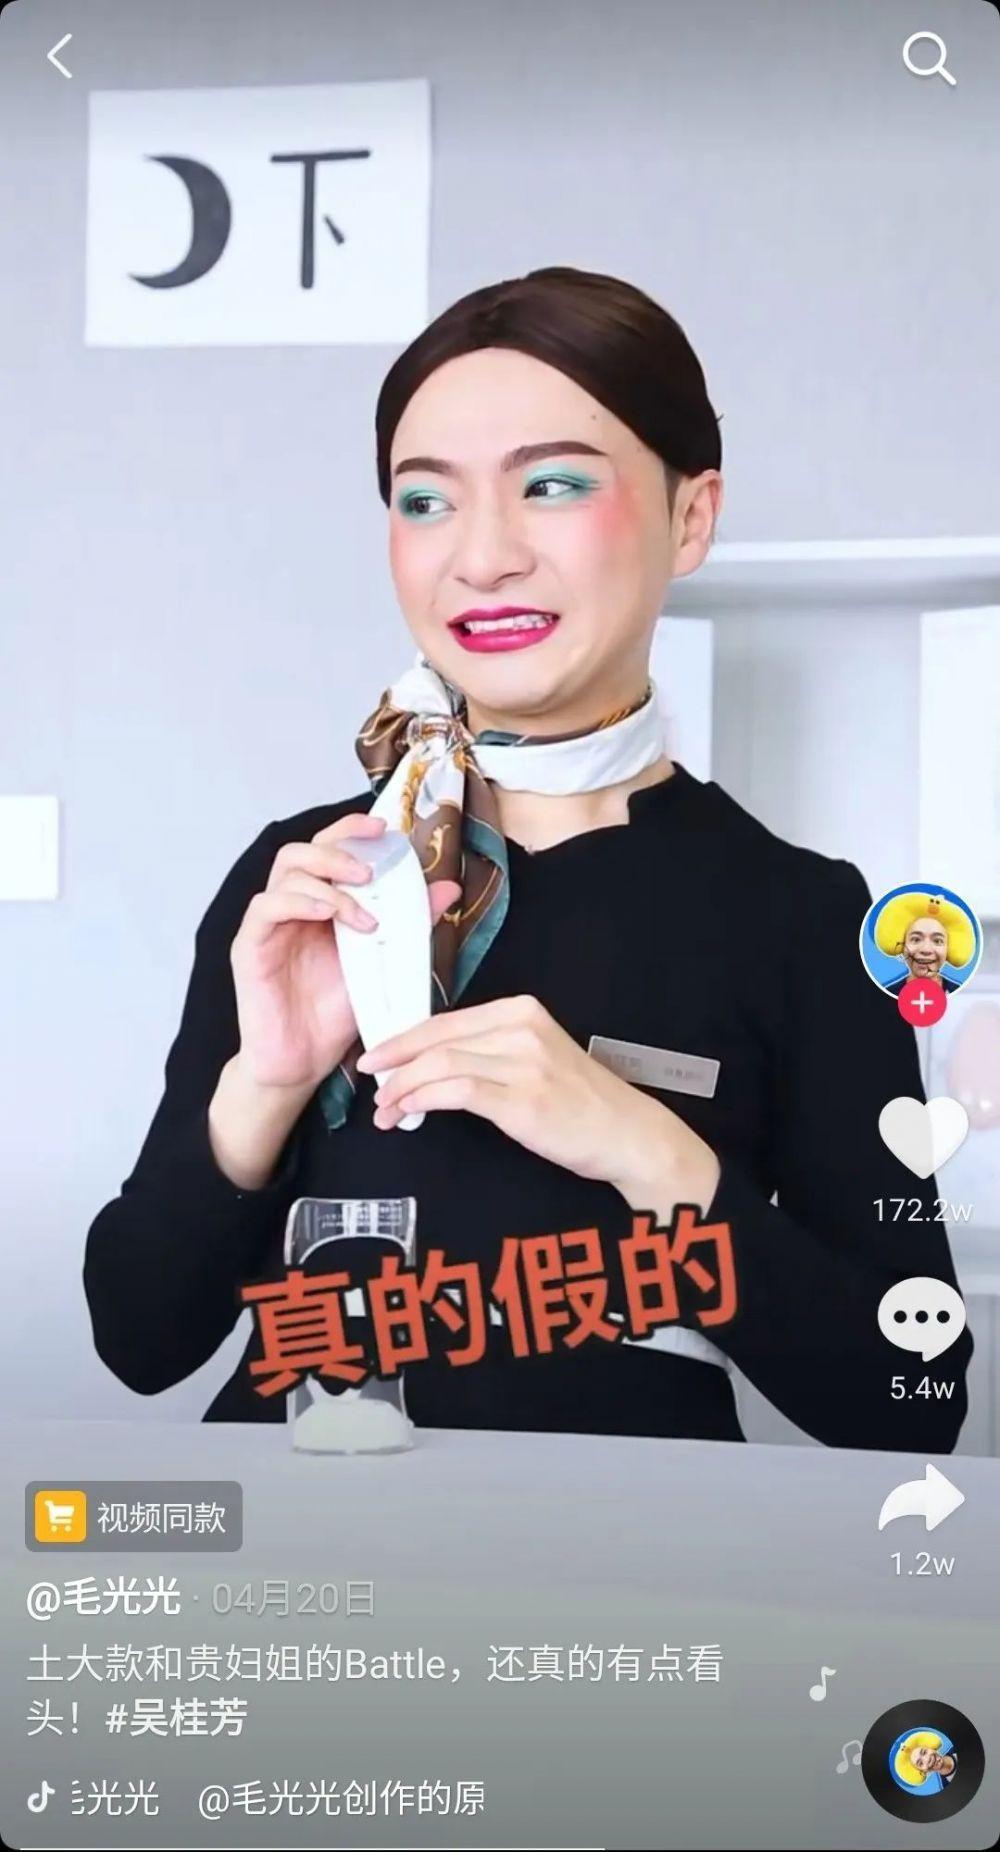 """1个月涨粉439w,那些一人分饰多角的""""百变大咖"""",为何让人欲罢不能?-第4张图片-周小辉<a href='http://www.zhouxiaohui.cn/duanshipin/'>短视频</a>培训博客"""